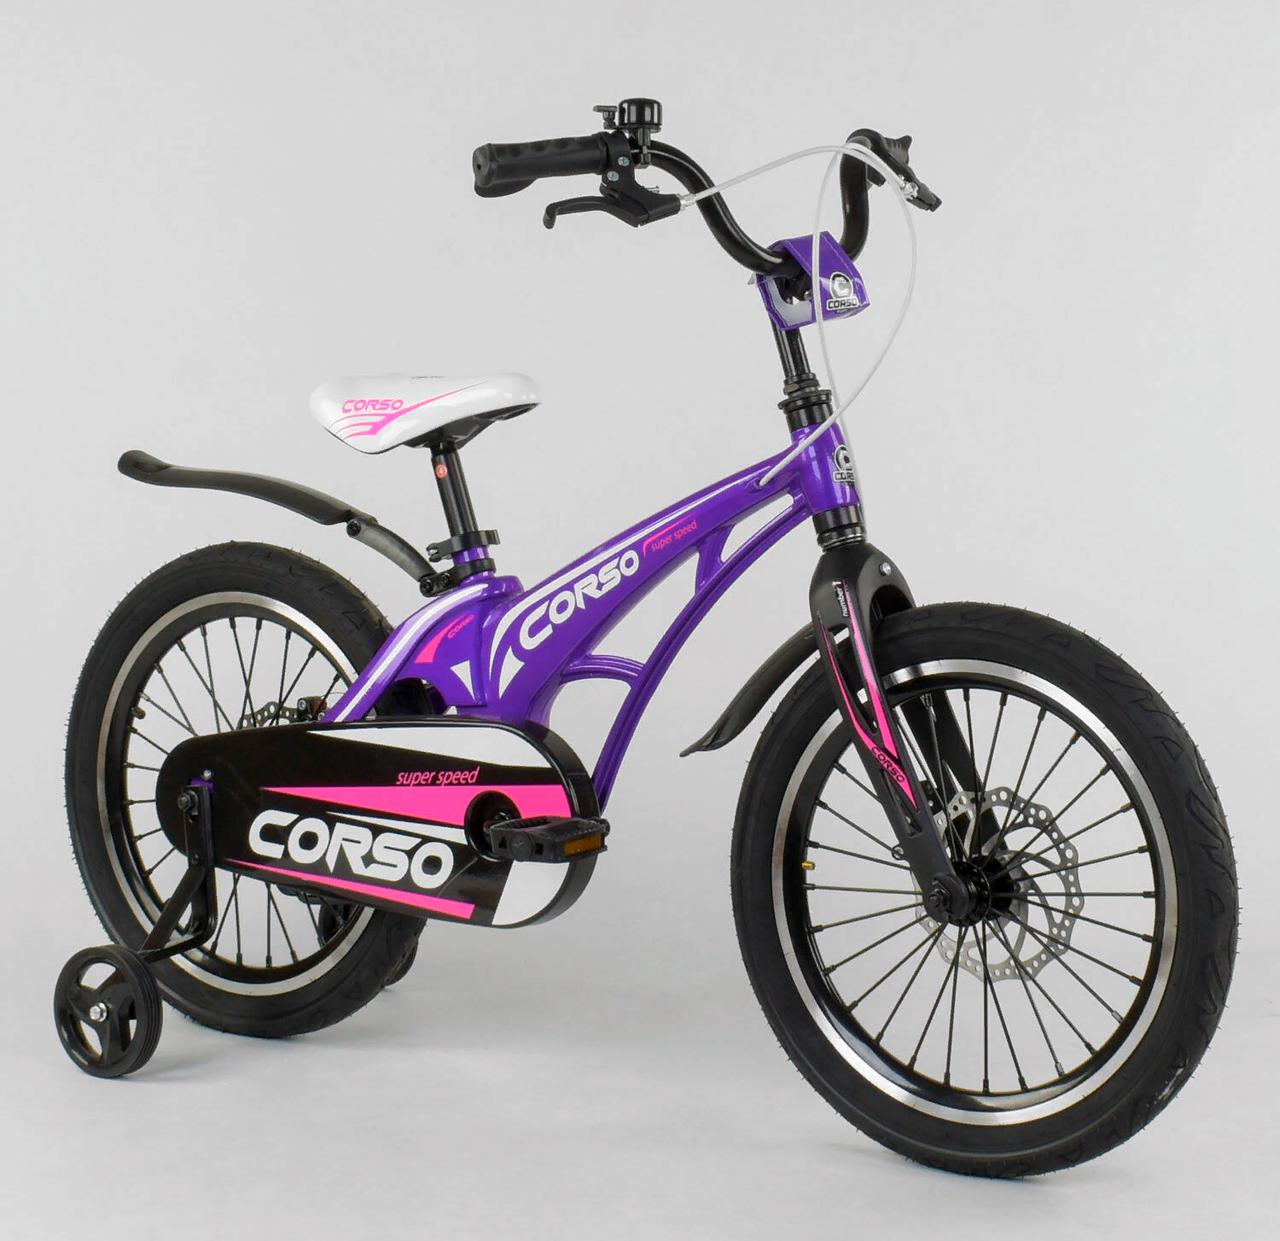 Двухколесный велосипед Magnesium 18 дюймов MG-18 W 275 магниевая рама фиолетовый